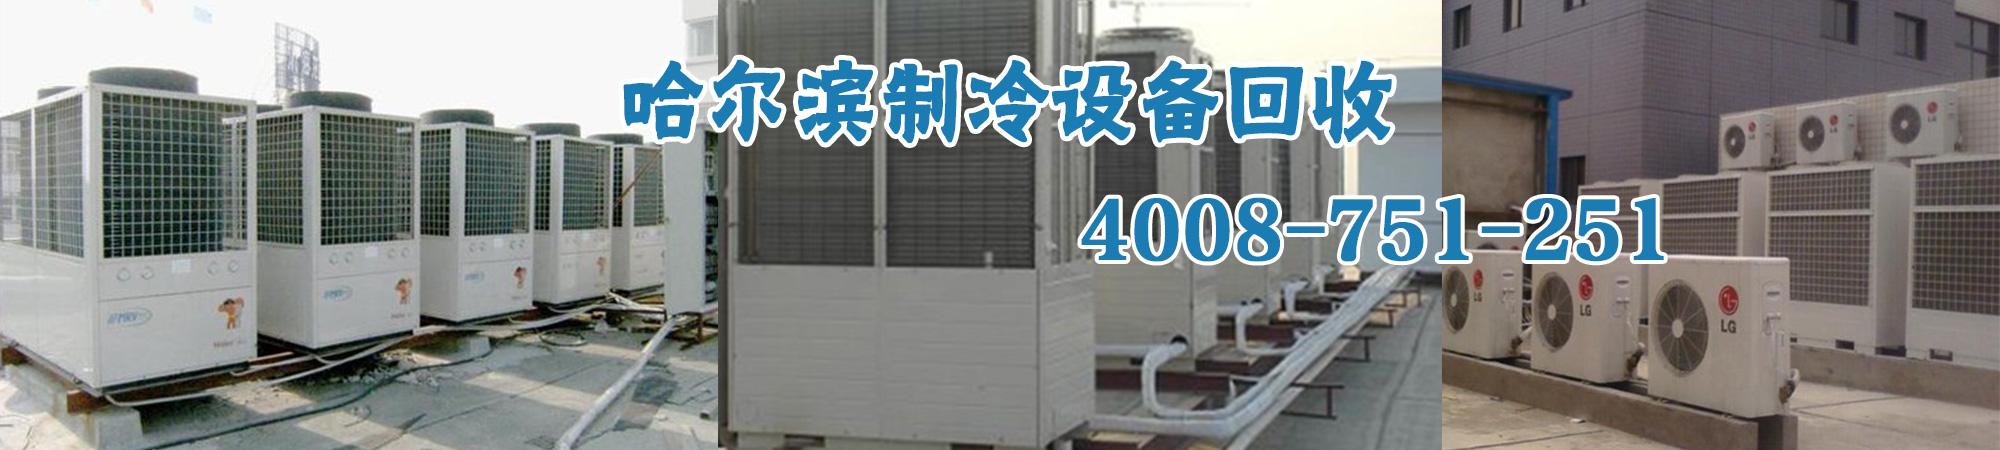 苏州制冷设备回收